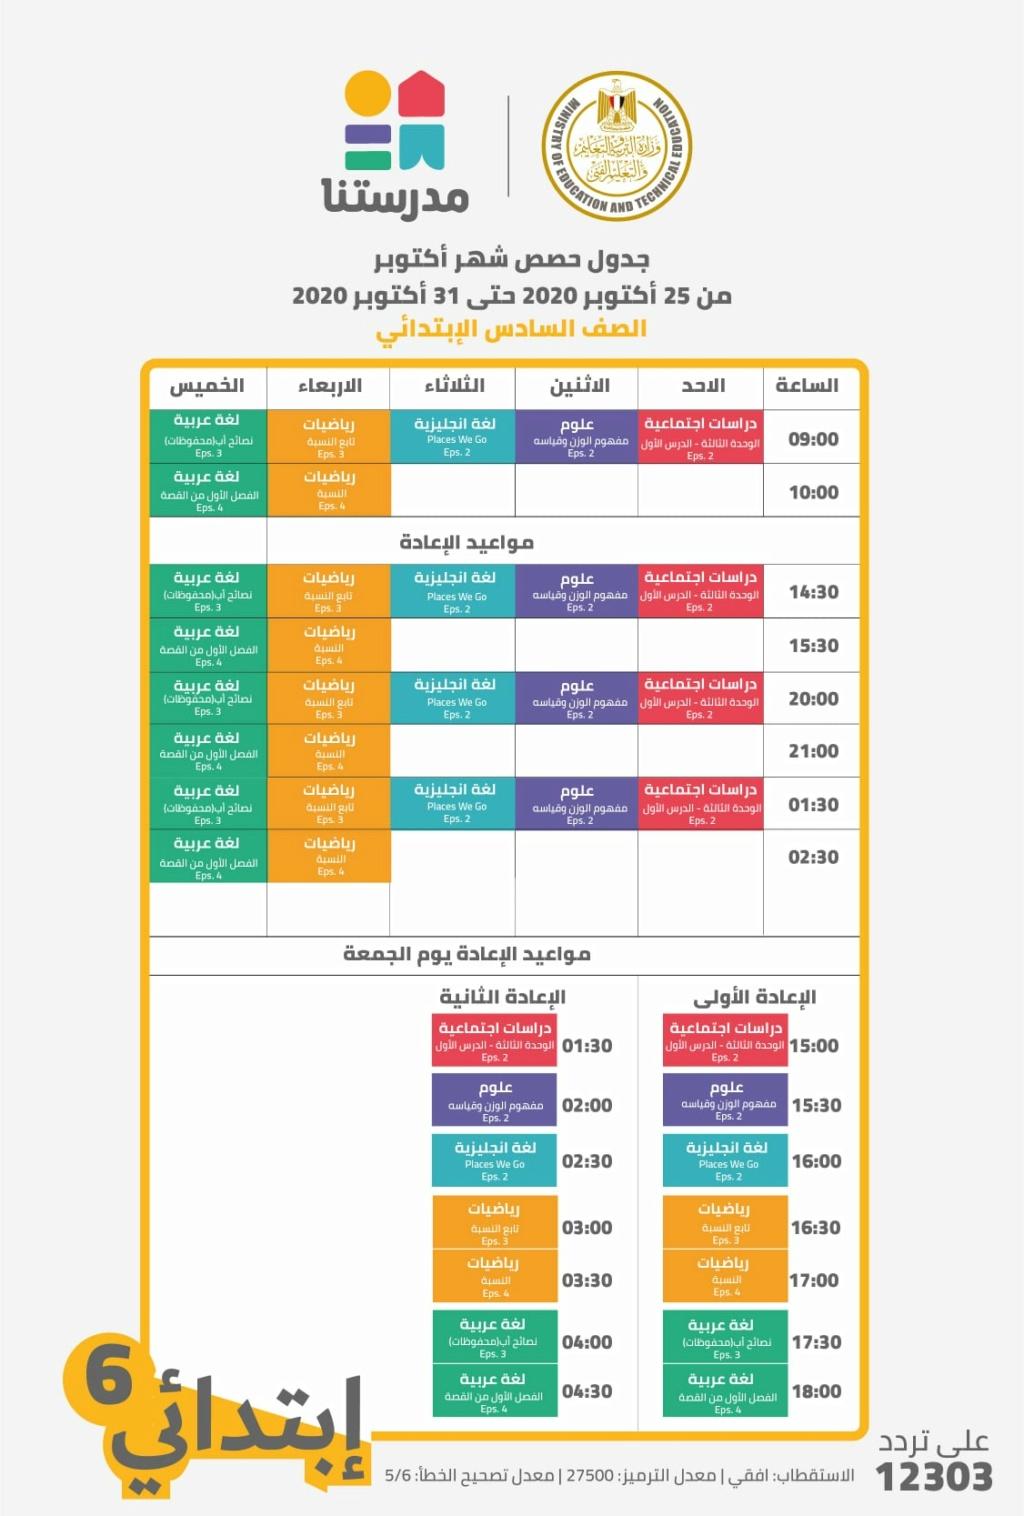 جدول مواعيد دروس الأسبوع الثاني على قناة مدرستنا من الصف الرابع الابتدائى حتى الثالث الإعدادي